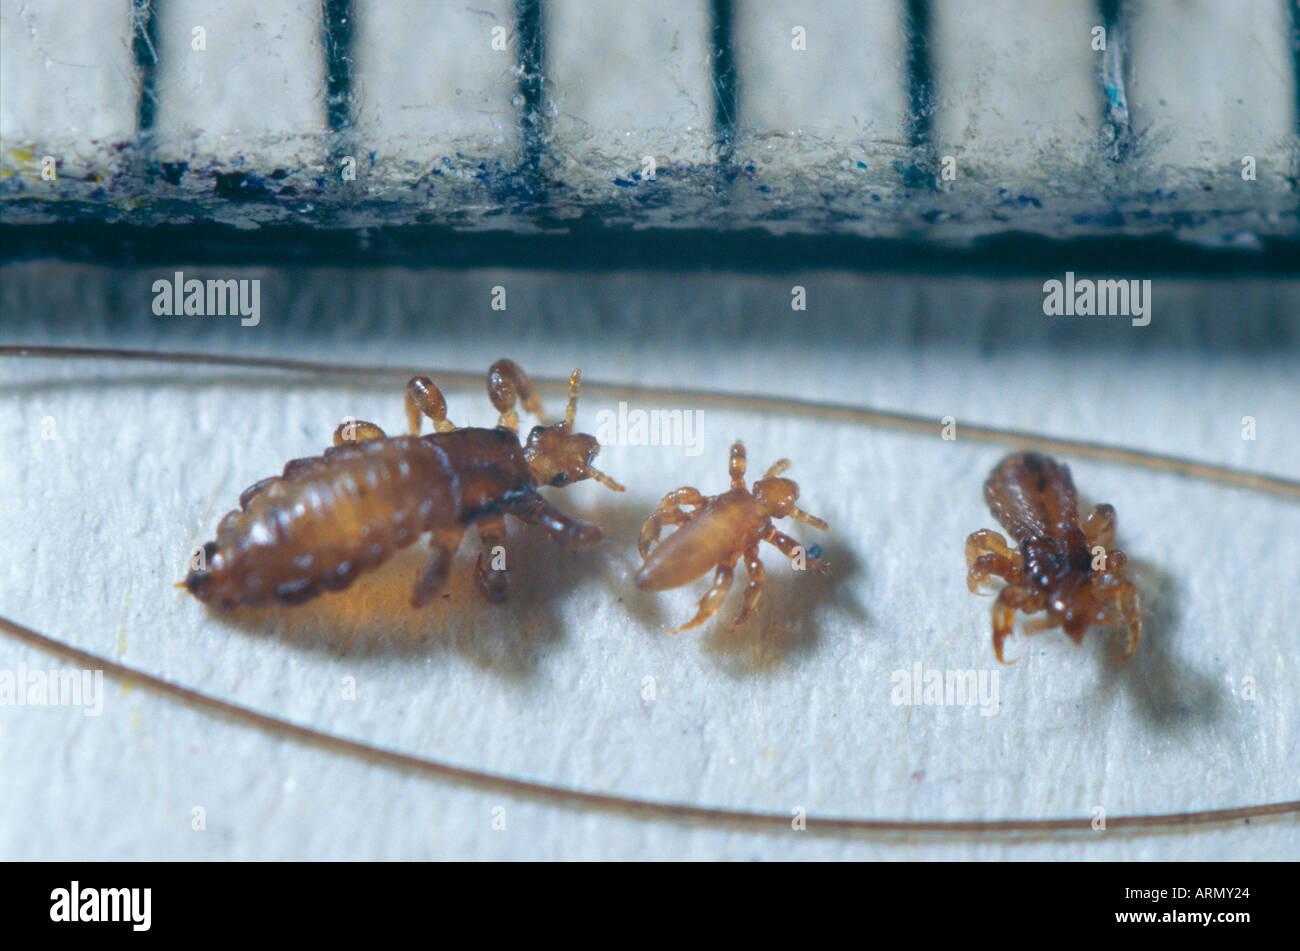 Testa (pidocchio Pediculus capitis, Pediculus humanus capitis), imago tra i capelli umani. Foto Stock